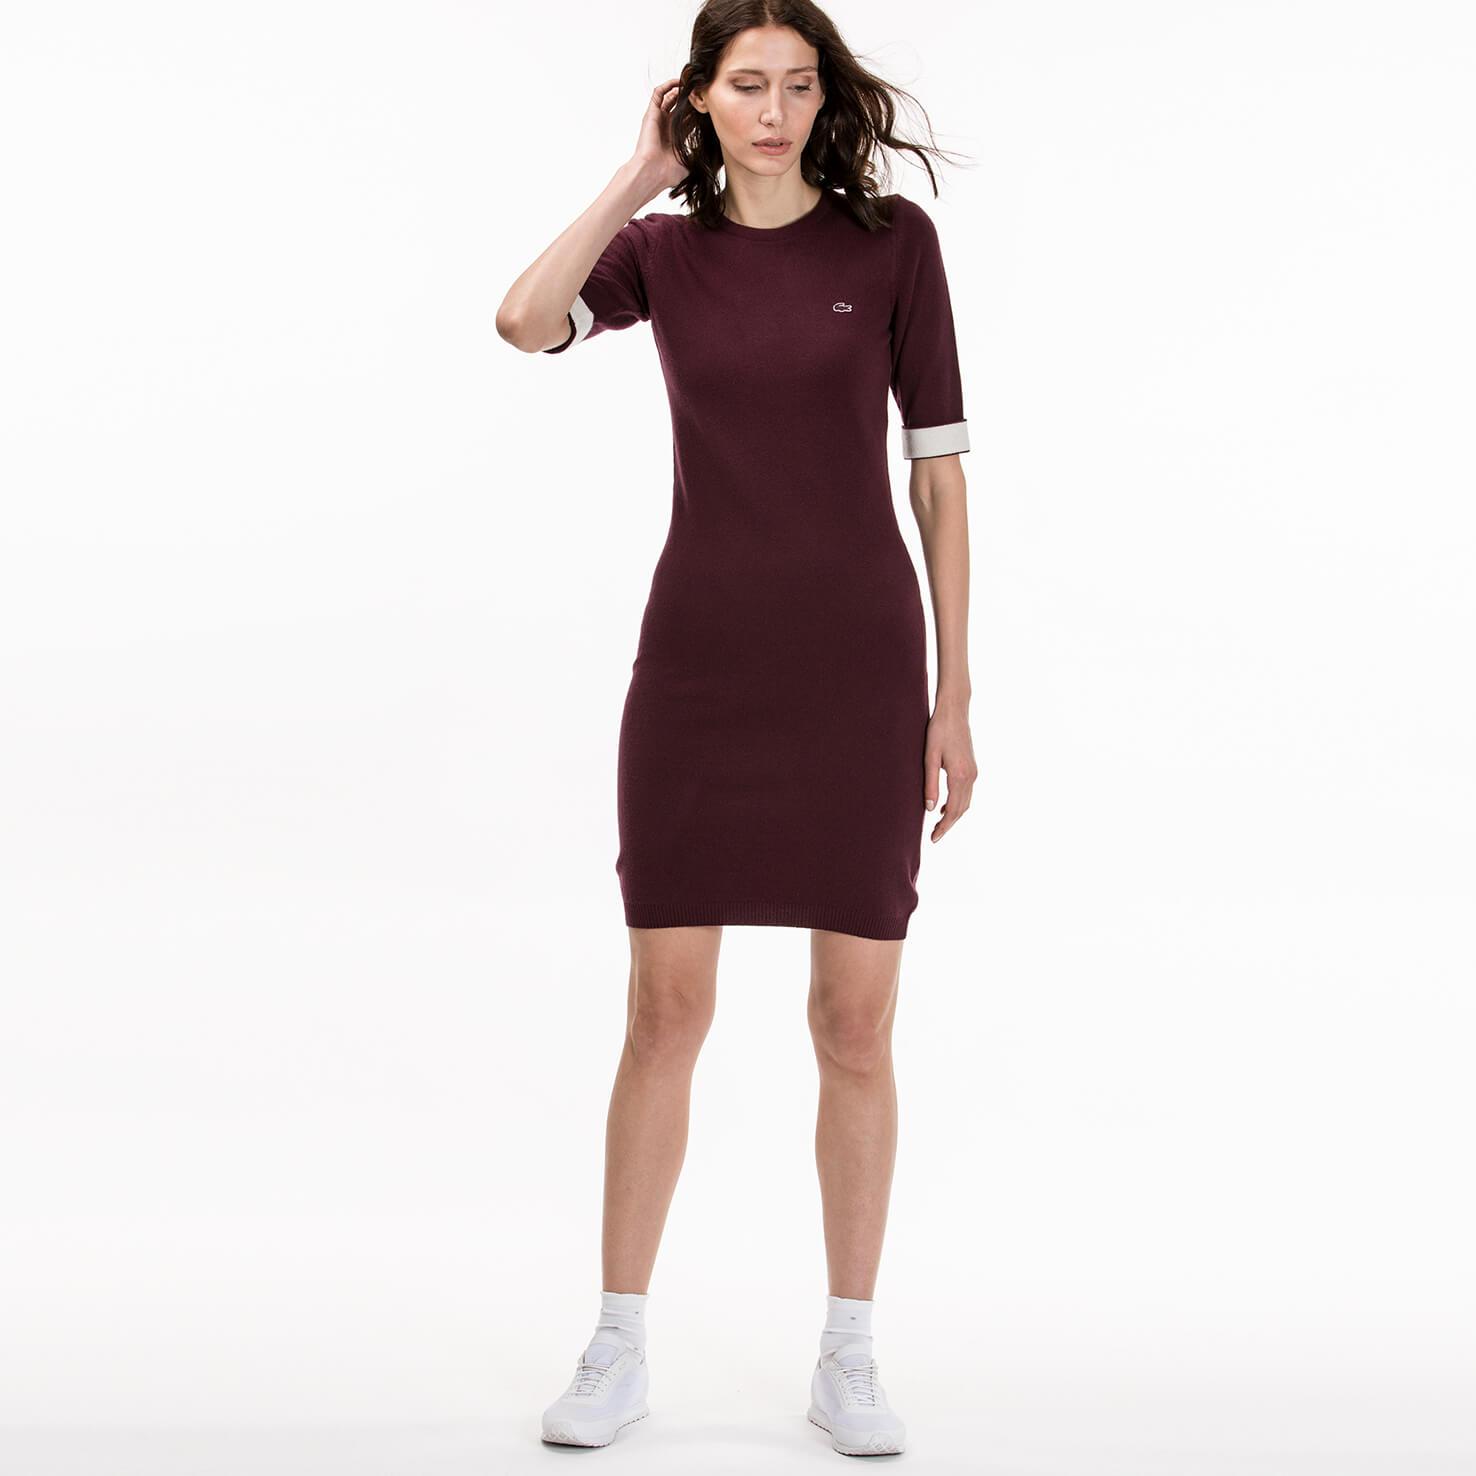 Купить Платье Lacoste, бордовый, EF1825